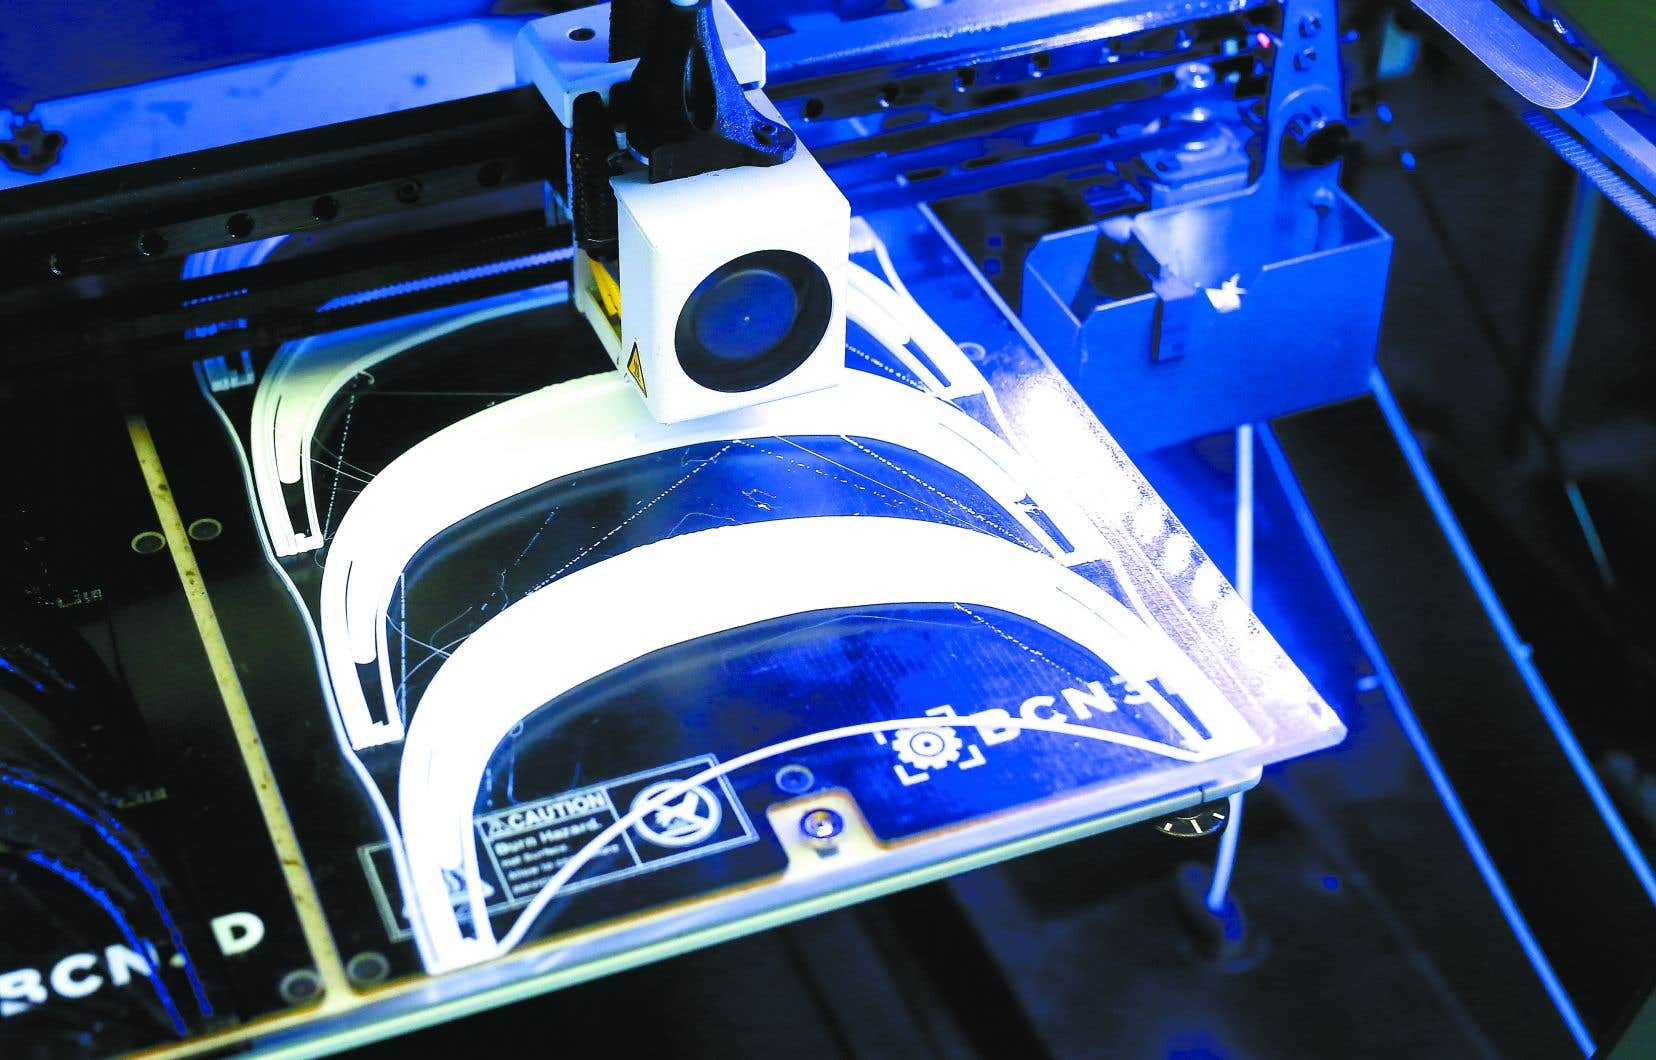 Une petite armée d'artistes et d'amateurs ont décidé d'utiliser leurs imprimantes 3D pour fabriquer des visières de protection pour le personnel de la santé, qui a cruellement besoin d'équipement.